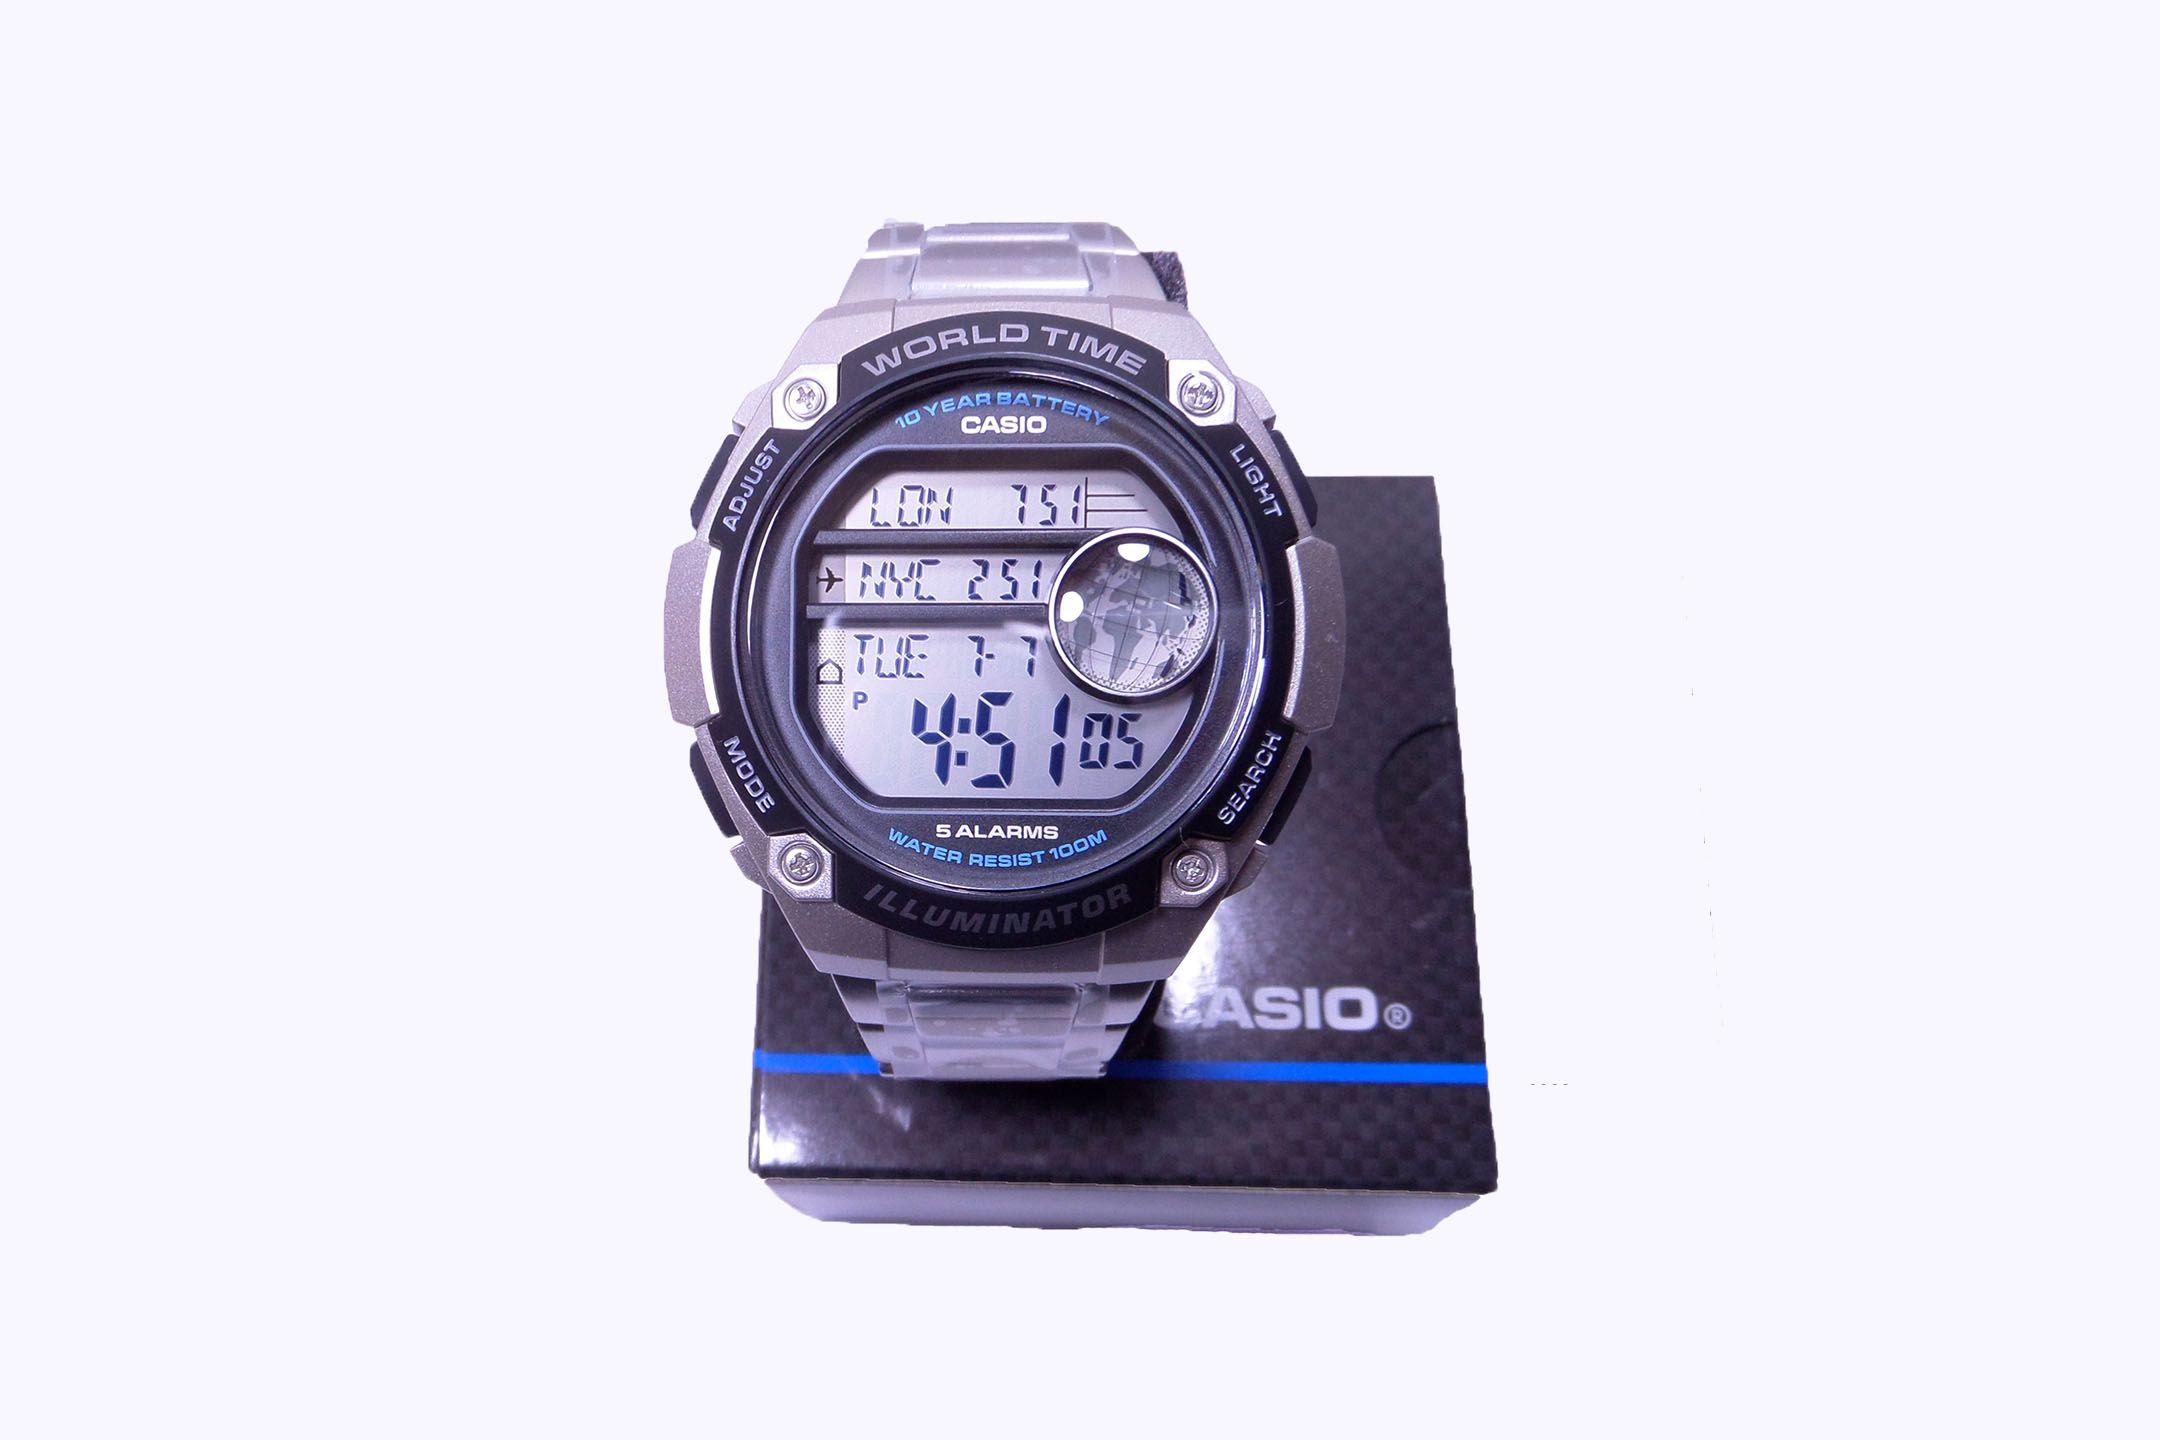 4ffbd35763ff Casio mod AE-3000W Hora mundial mapa alarma cronómetro correa metalica  Illuminator. La función